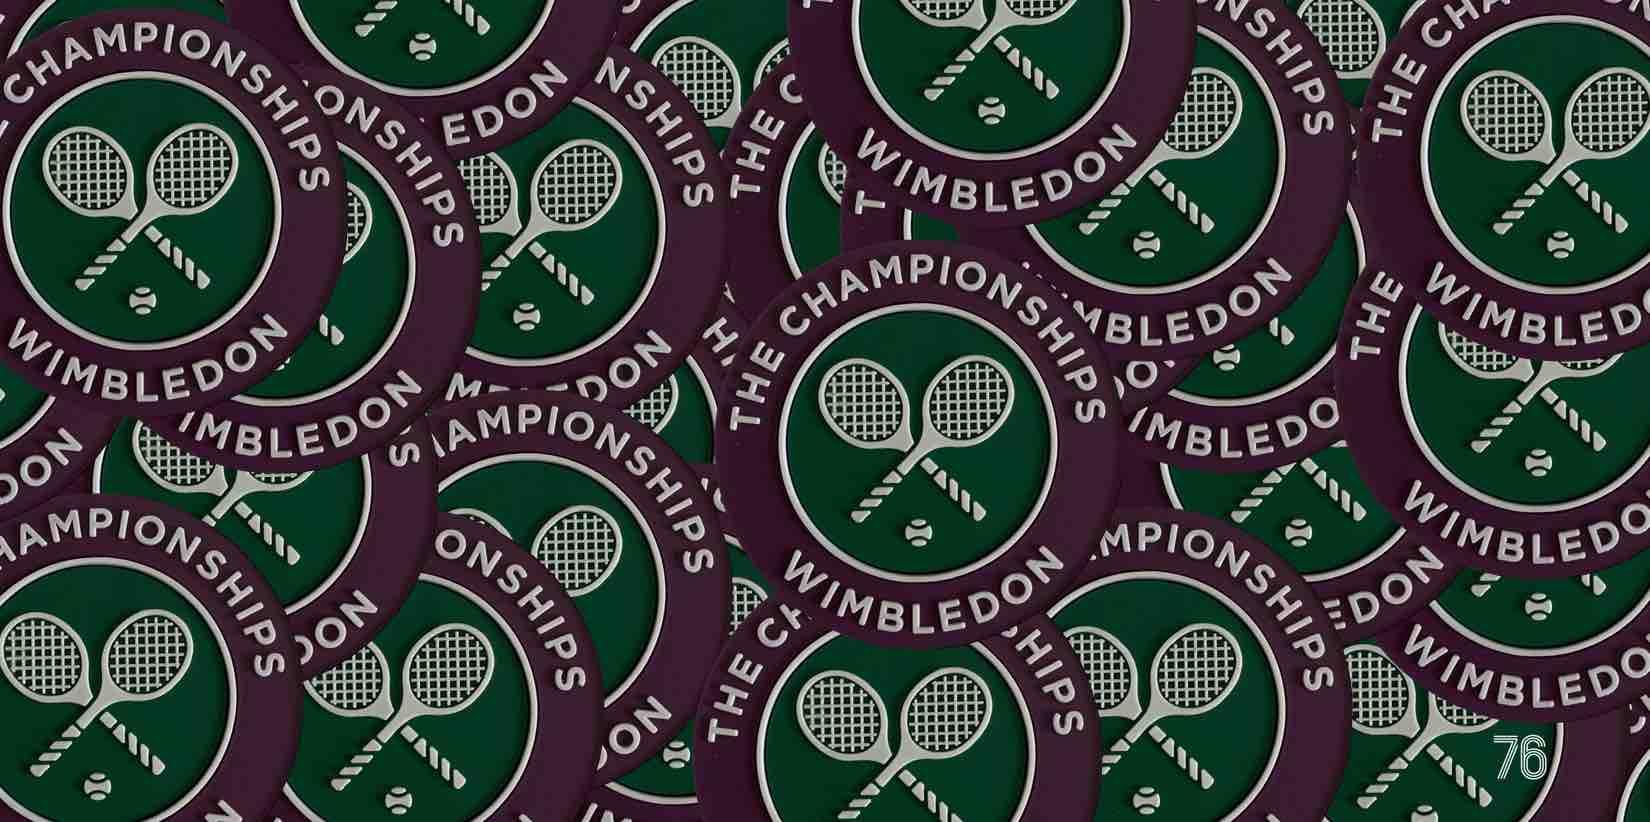 Sorteggio Wimbledon 2021 - settesei.it